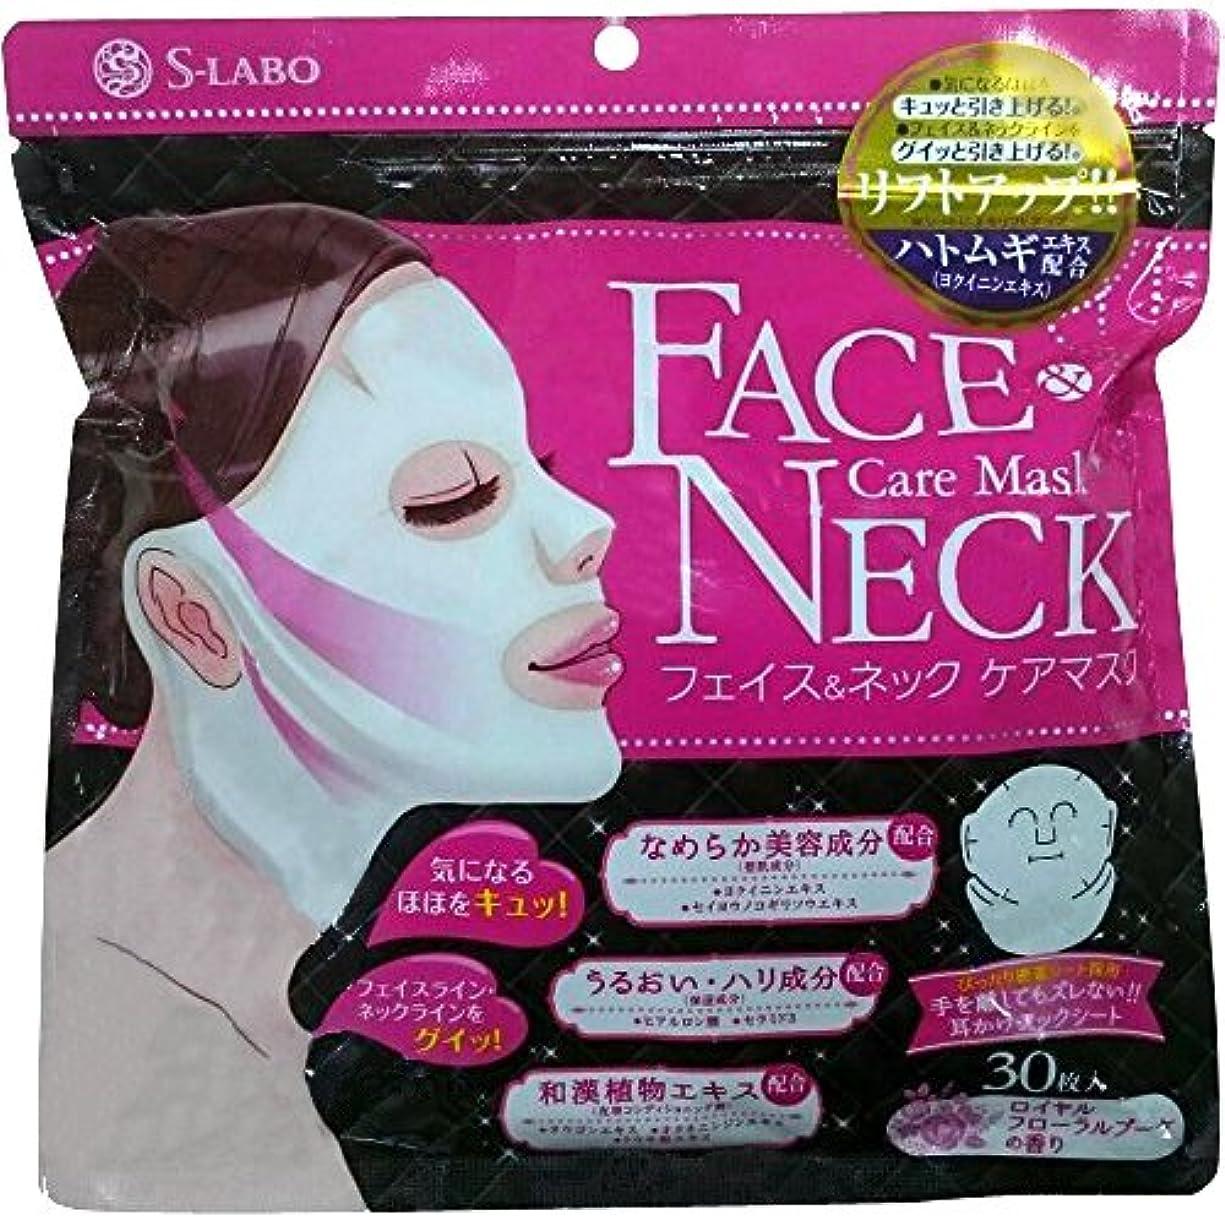 出費落ち着いた入場料S-LABO フェイス & ネックケアマスク (30枚入)